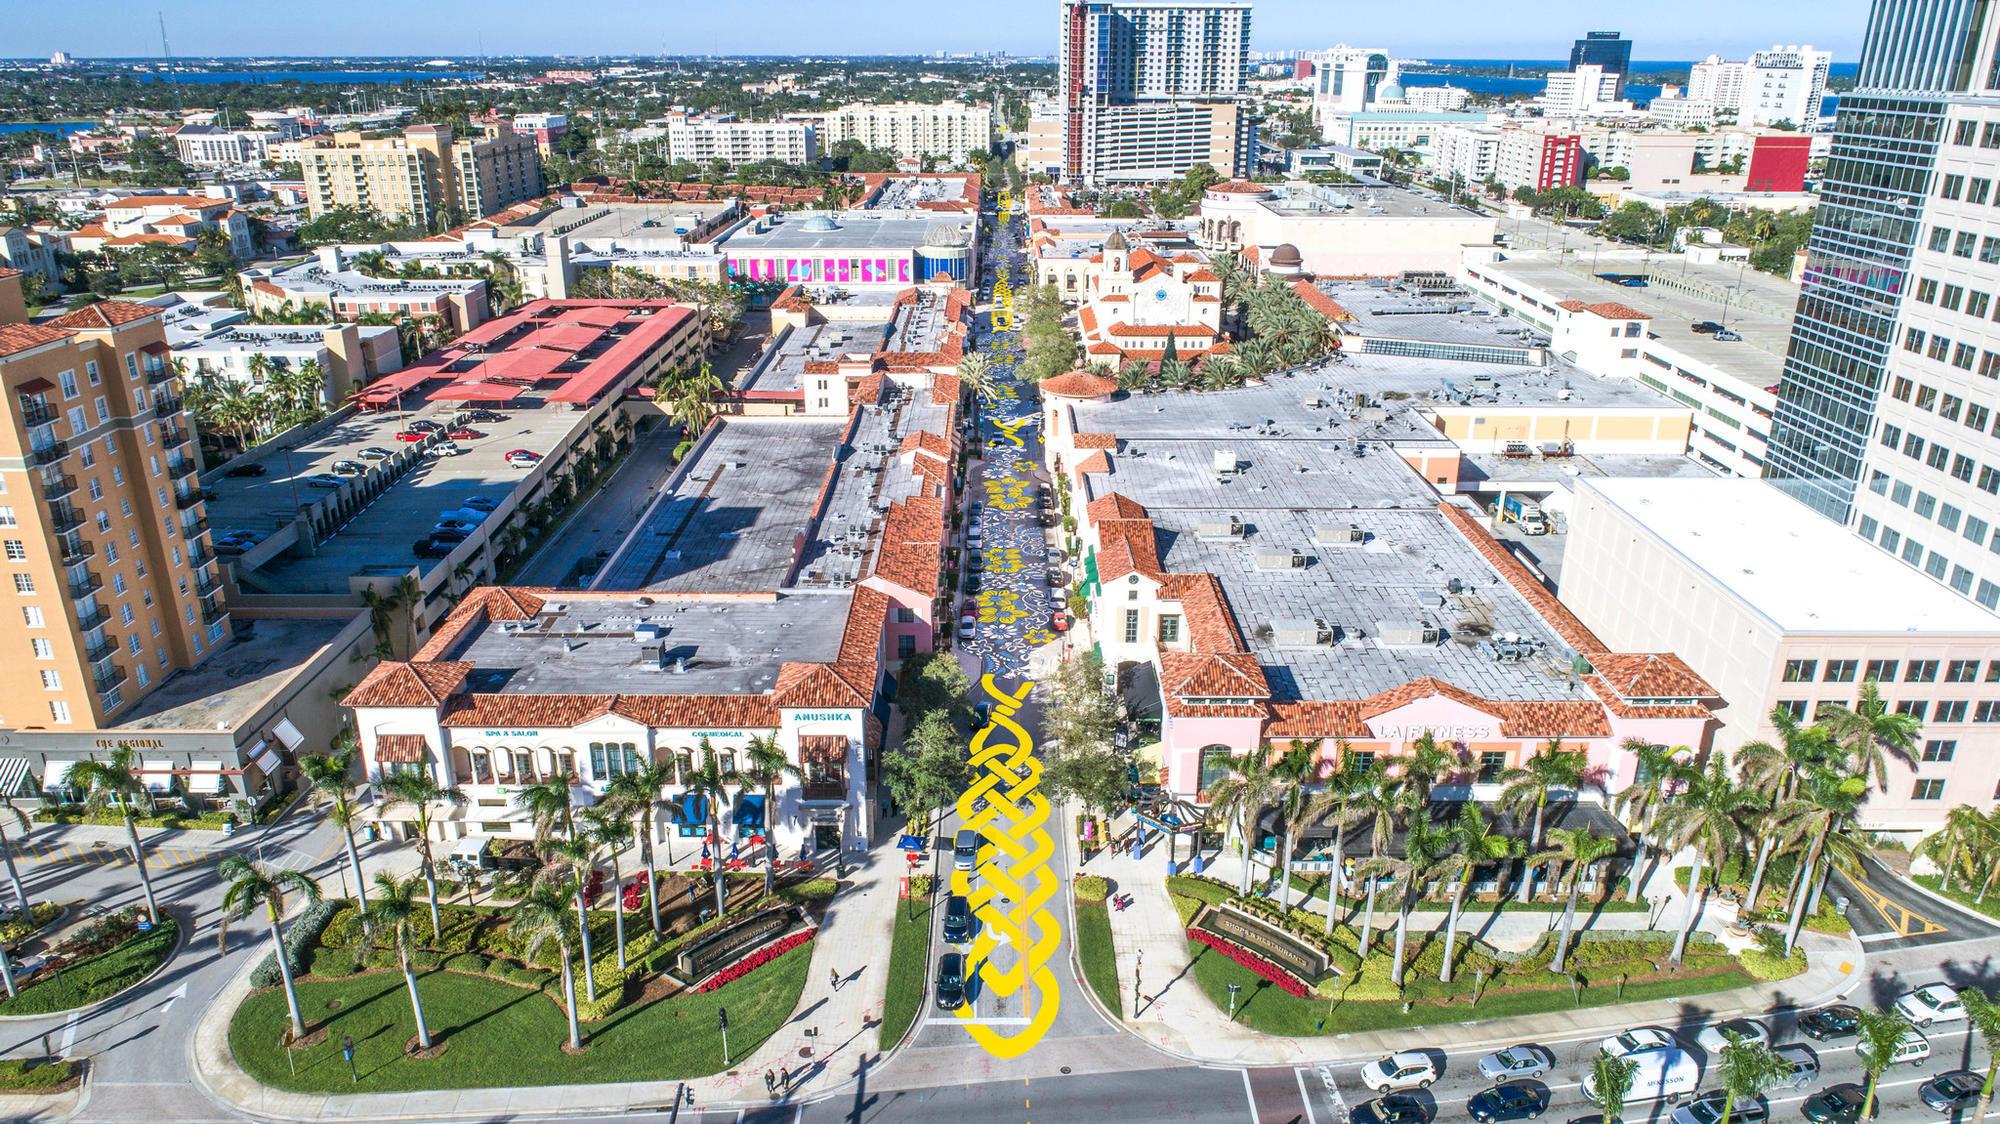 Park Place West Palm Beach Florida